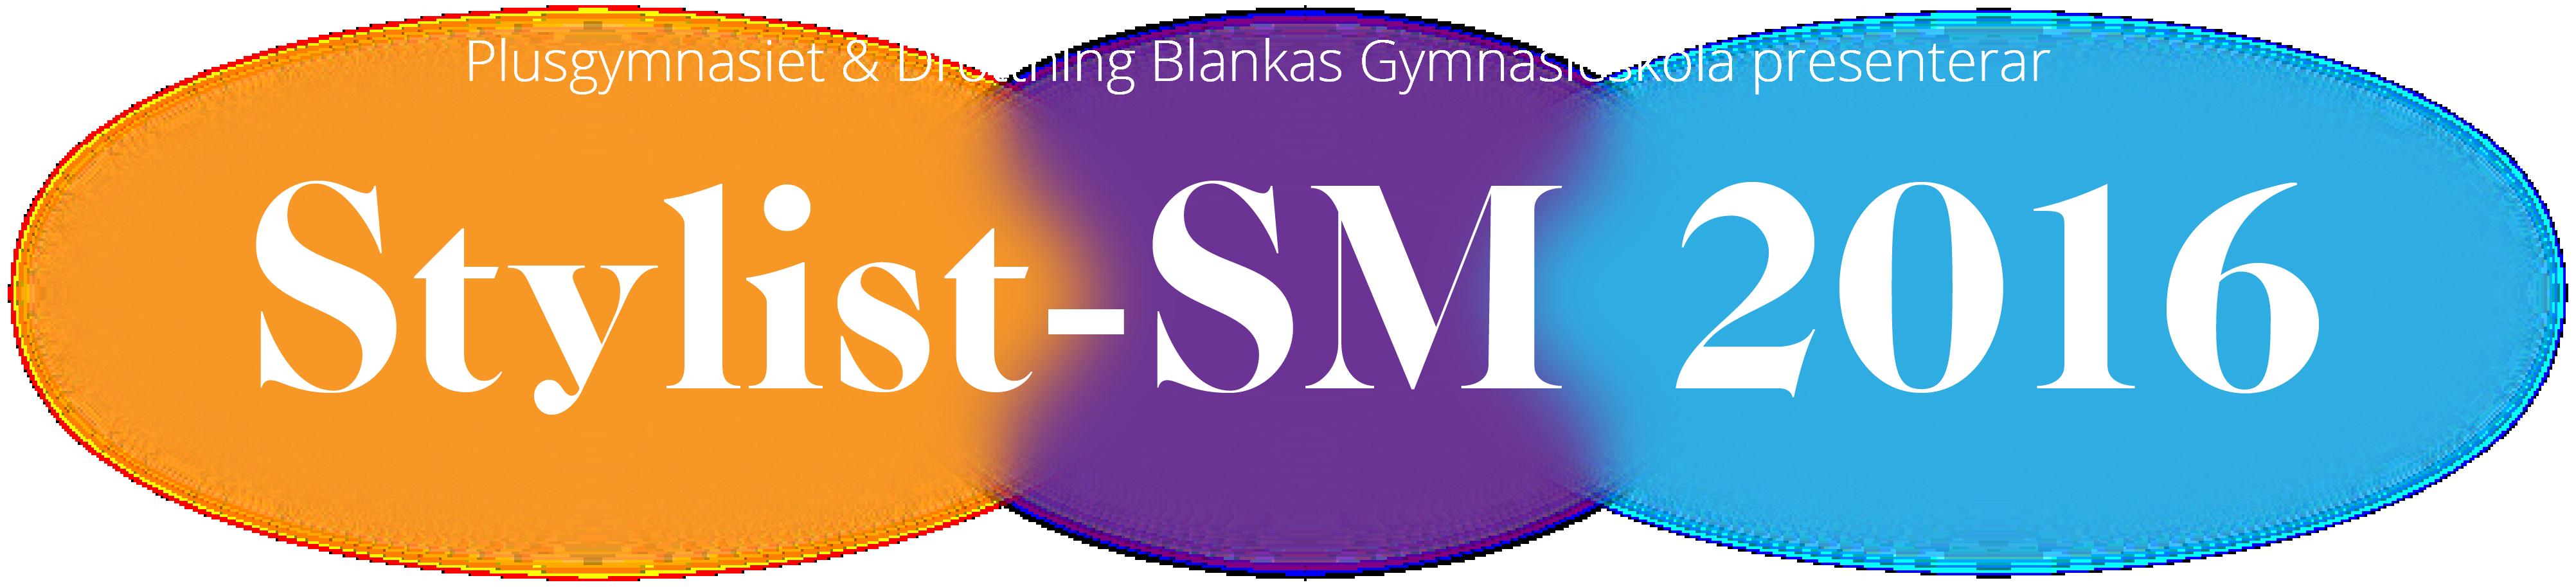 Stylist-SM 2016 Logo